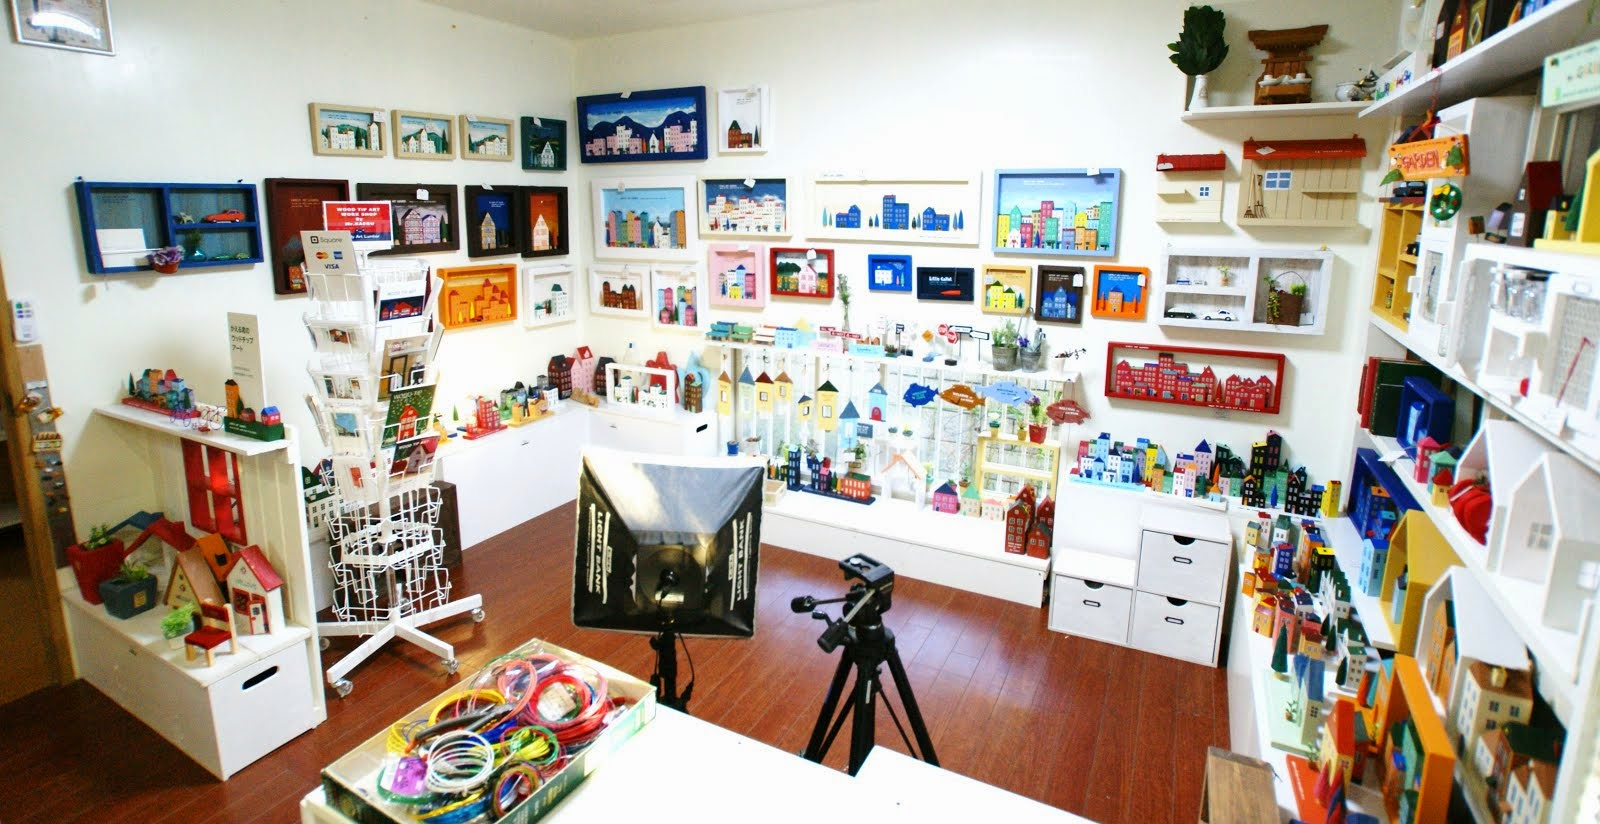 ギャラリーではご見学だけでも楽しめます。お気に入りが見つかりましたらご購入も可能です。